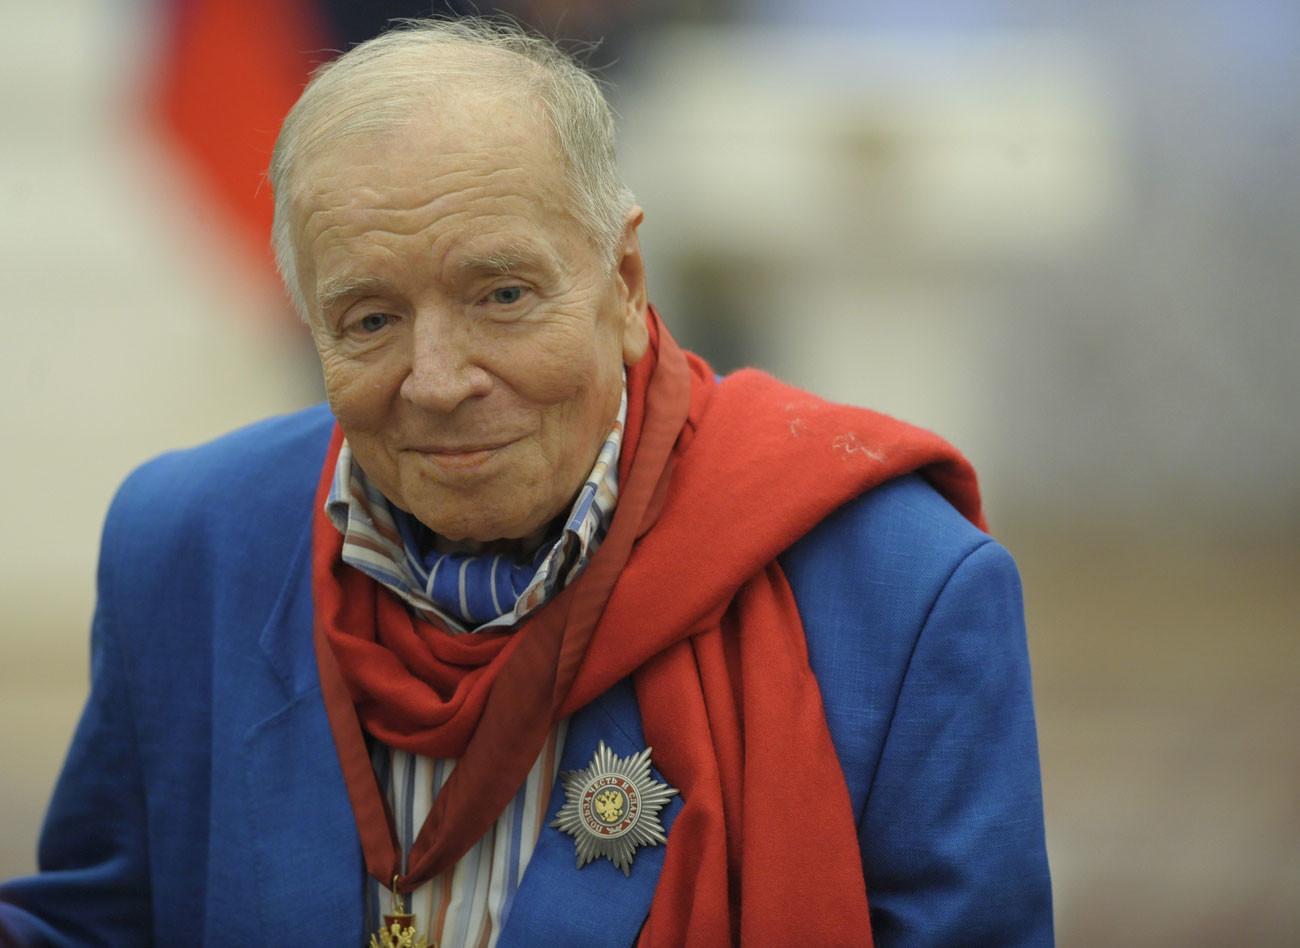 Andrêi Voznesênski esteve, junto com Evtuchênko e Akhmadúlina, entre os poetas de destaque dos anos 1960 que enchiam estádios para declamar seus versos.